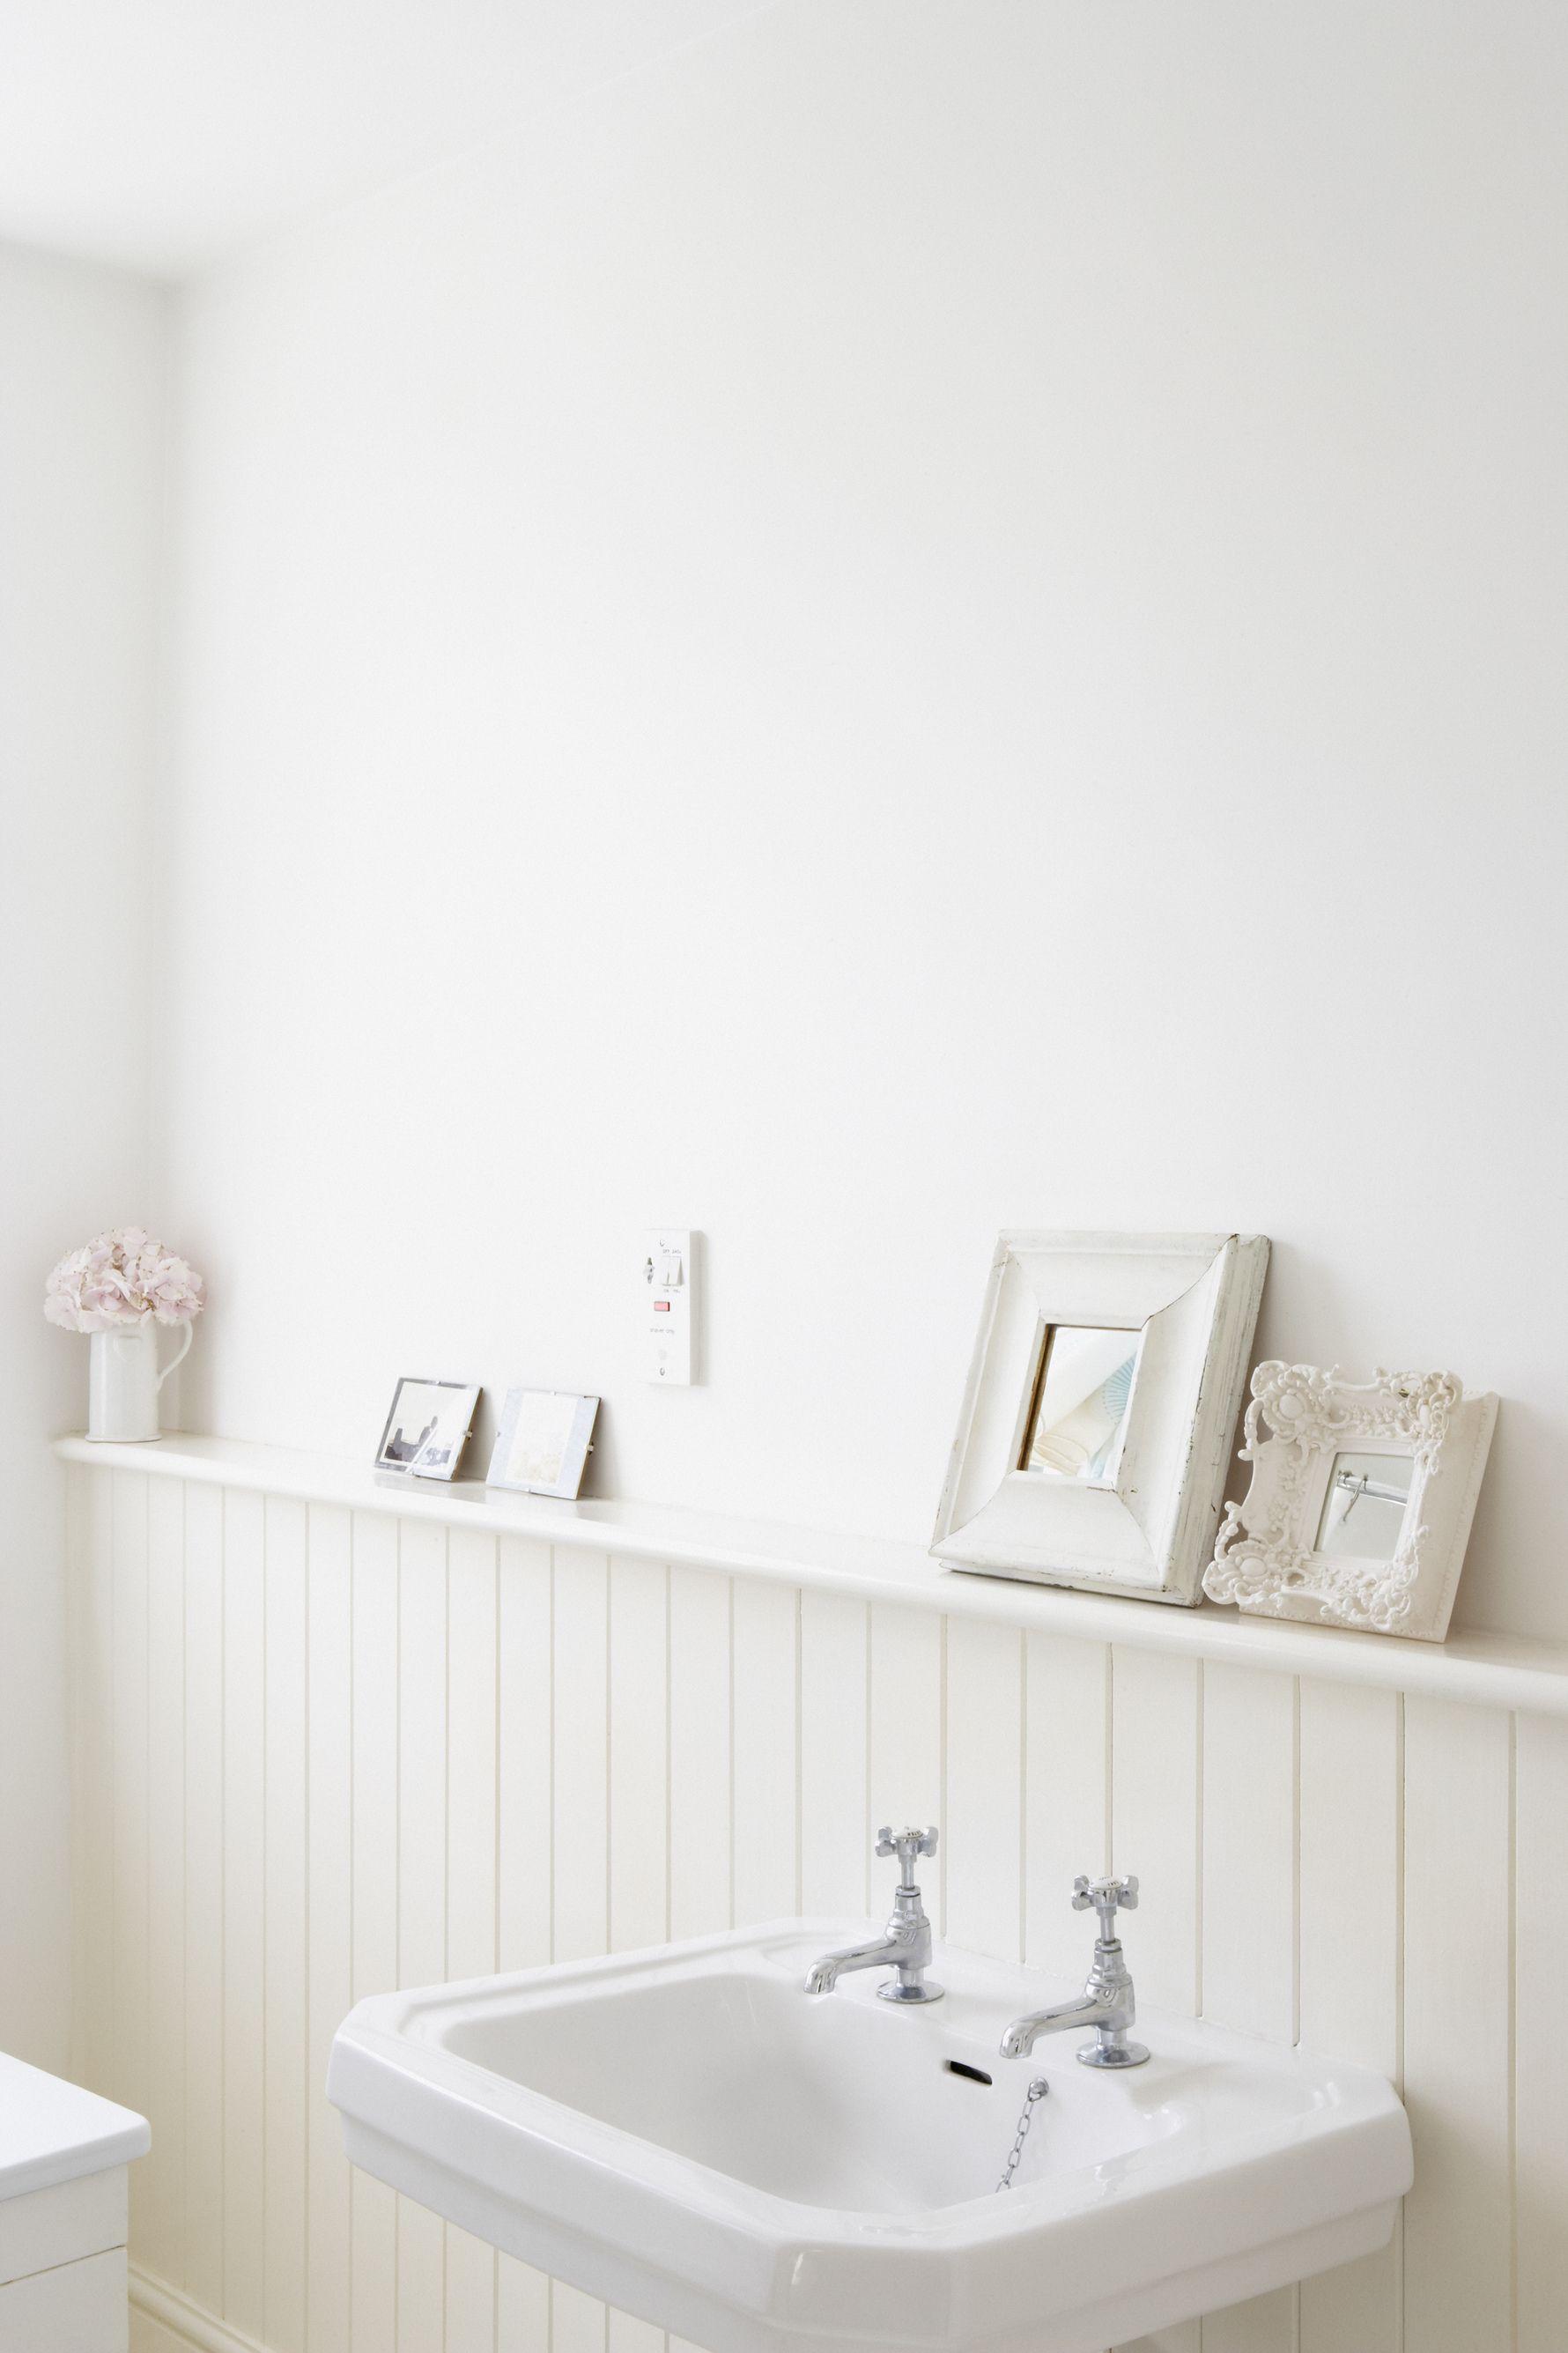 5 Einfache Tipps, Die Eure Badezimmer Verschönern Werden! Wir ... Haus Und Garten Verschonern Tipps